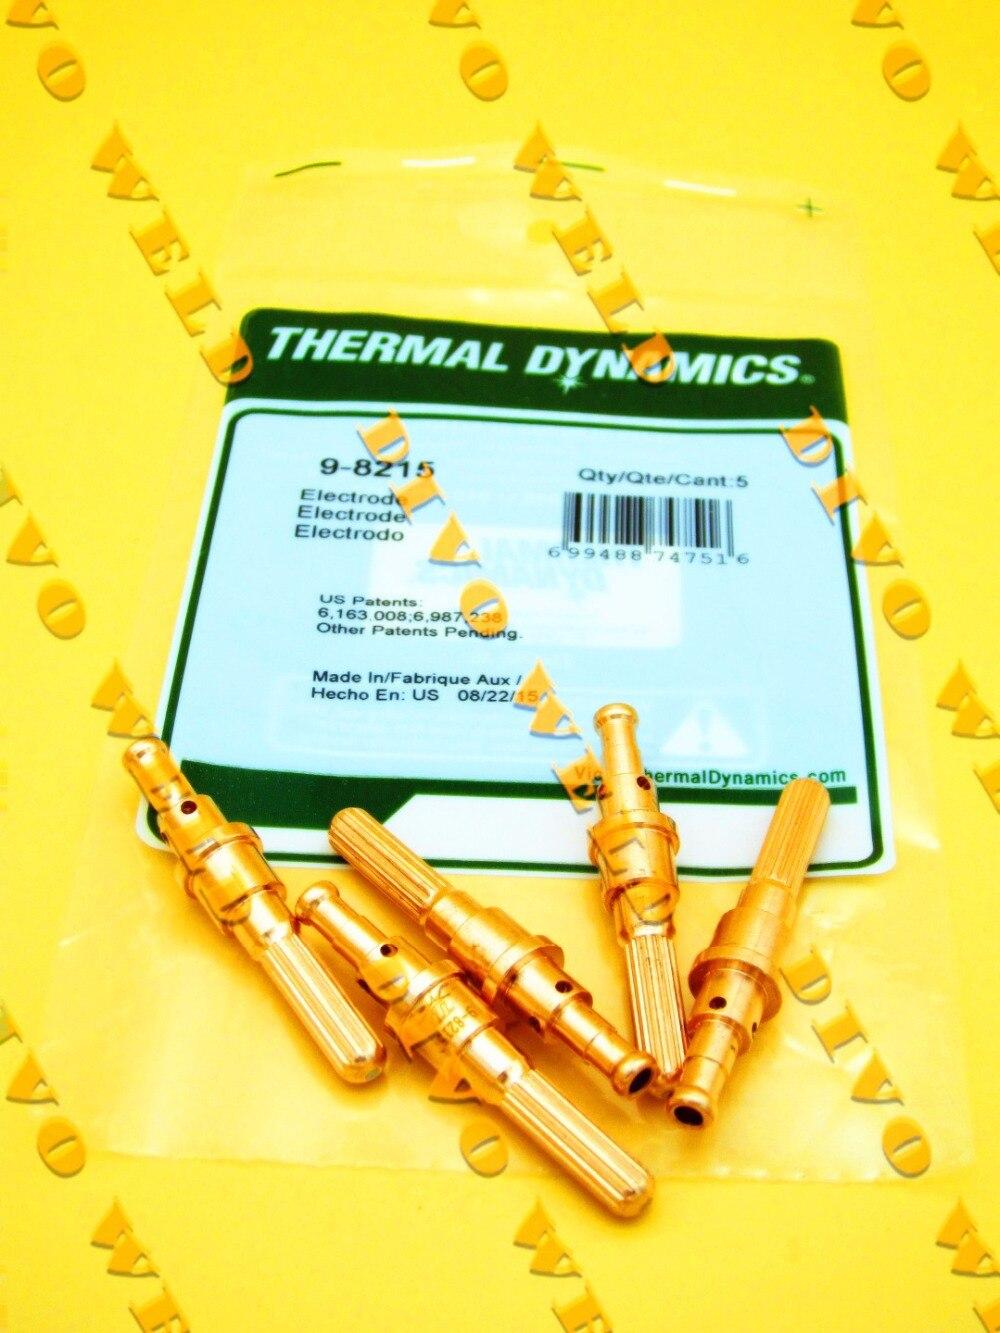 9-8215 electrode 10pcs and 9-8212 nozzle 100A 10pcs Per Lot Thermal Dynamics plasma cutting consumables SL60-SL1009-8215 electrode 10pcs and 9-8212 nozzle 100A 10pcs Per Lot Thermal Dynamics plasma cutting consumables SL60-SL100